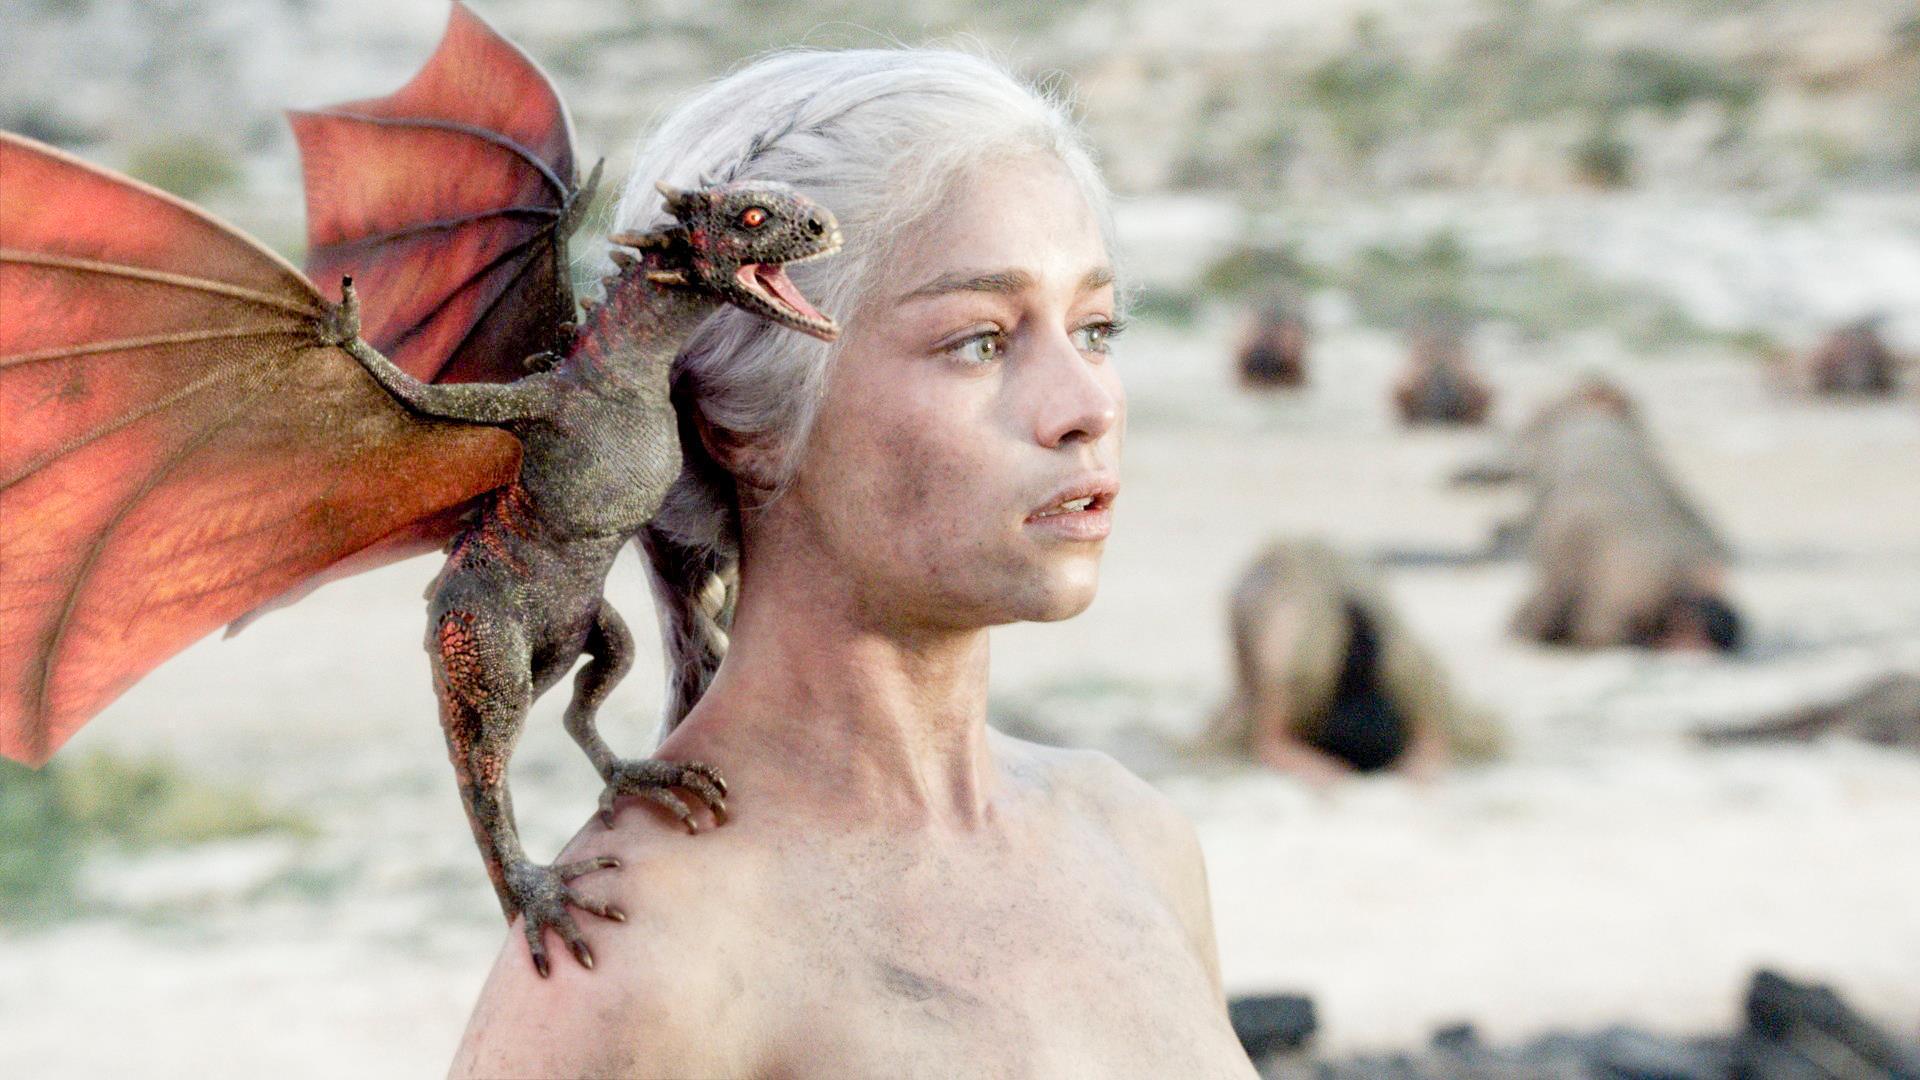 Juego de Tronos - Daenerys Targaryen con cría de dragón